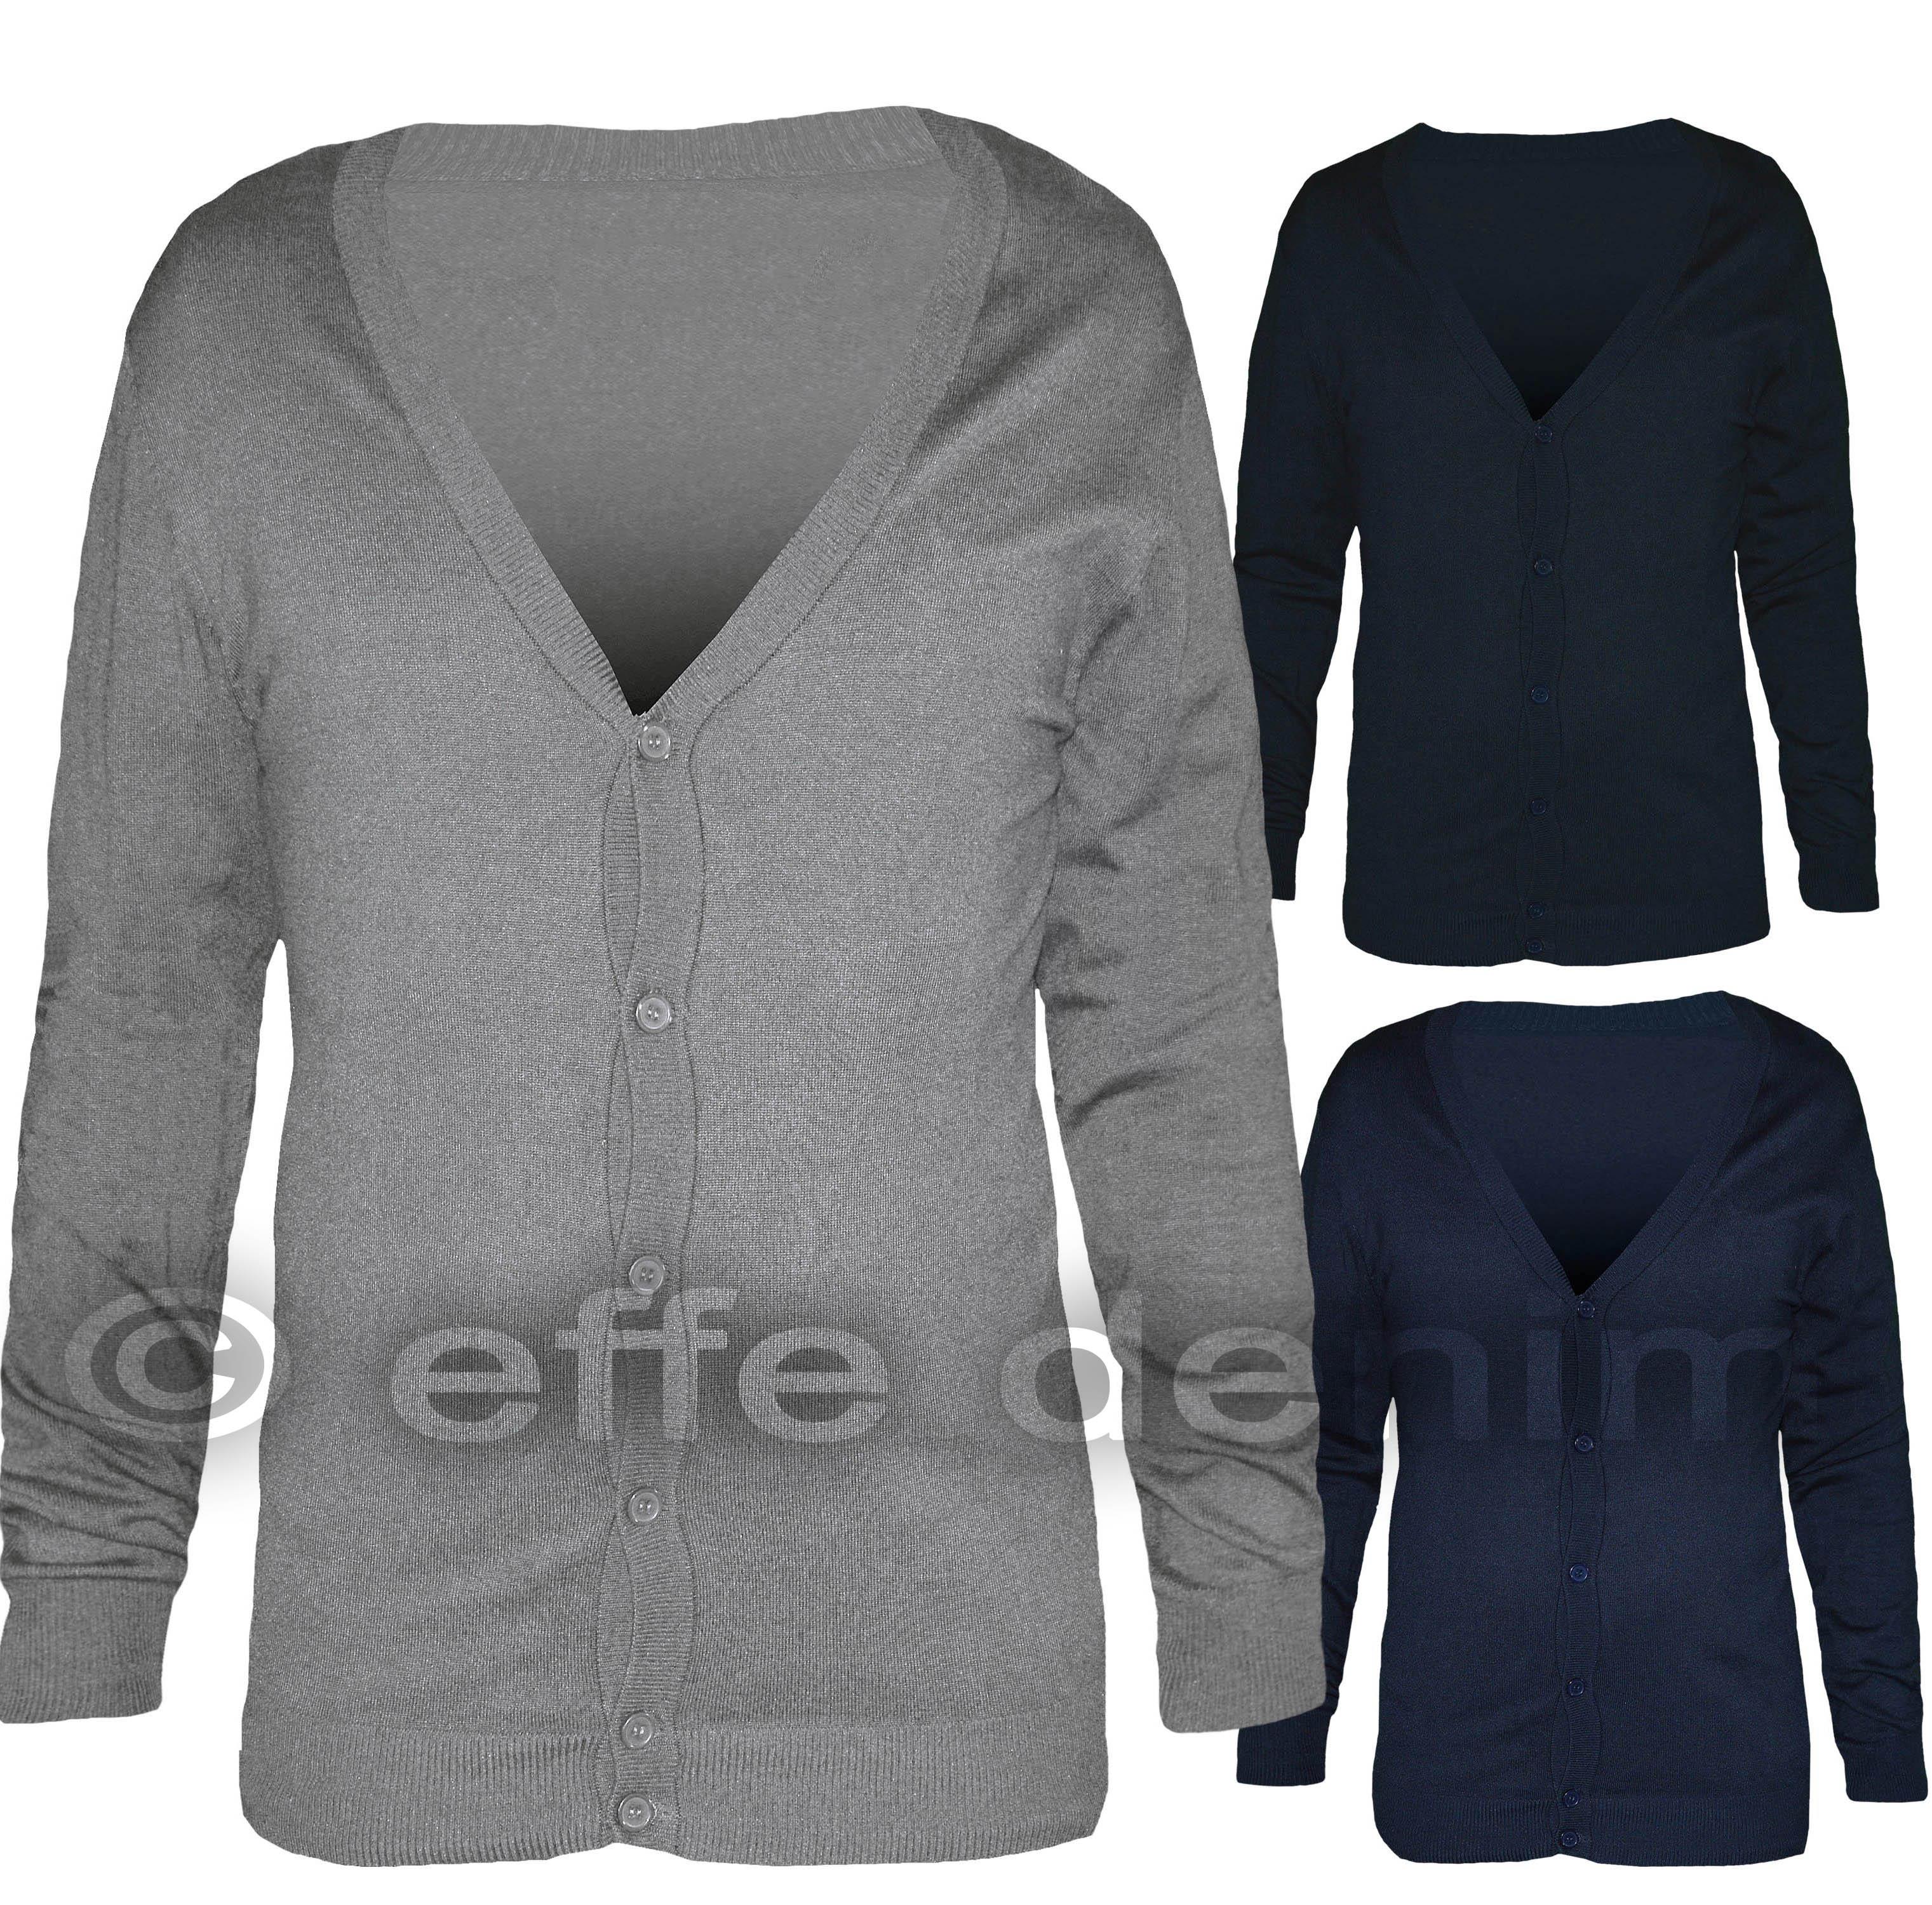 Pullover Bottoni NUOVO tg S M L XL Cardigan Maglia da Donna Cardigan Bottone Maglione